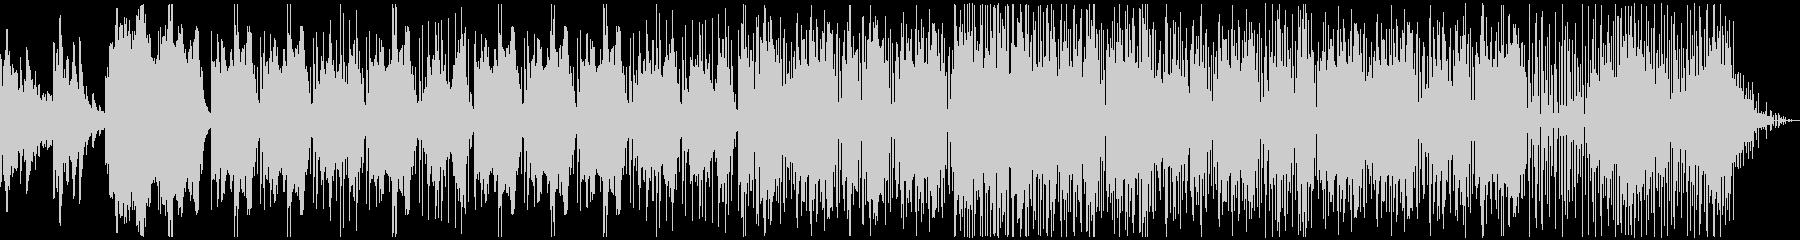 ポップ。 Rhythmicはノスタ...の未再生の波形